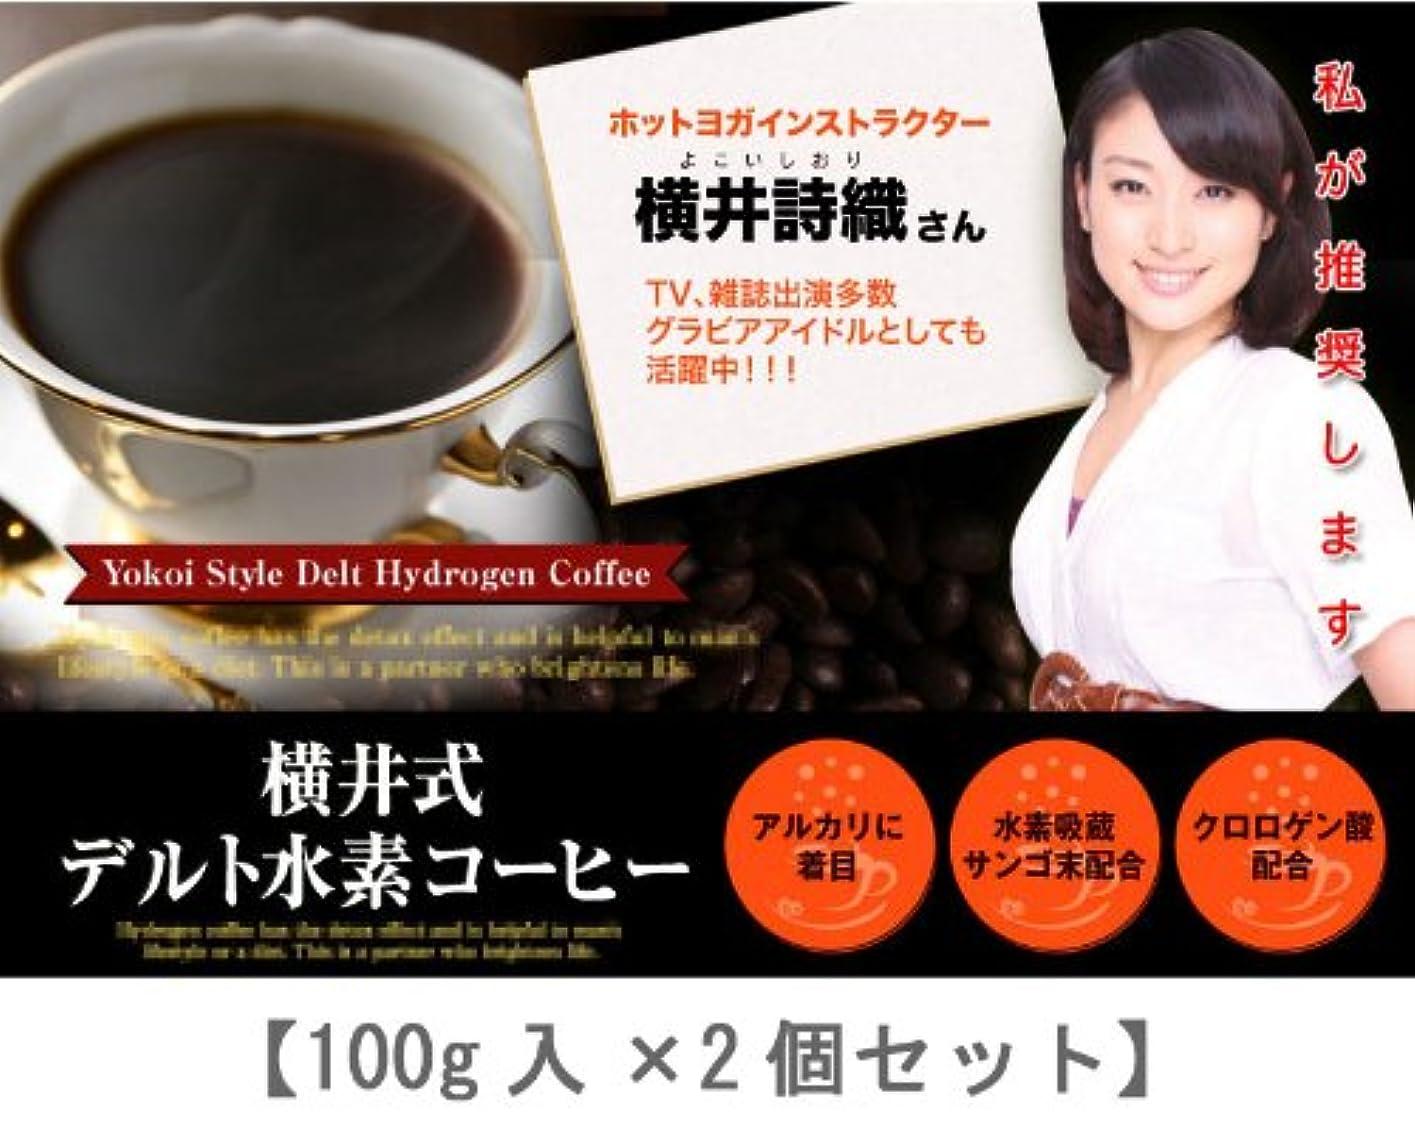 ハンバーガー反論乳白横井式デルト水素コーヒー 2個セット(水素配合ダイエットコーヒー)